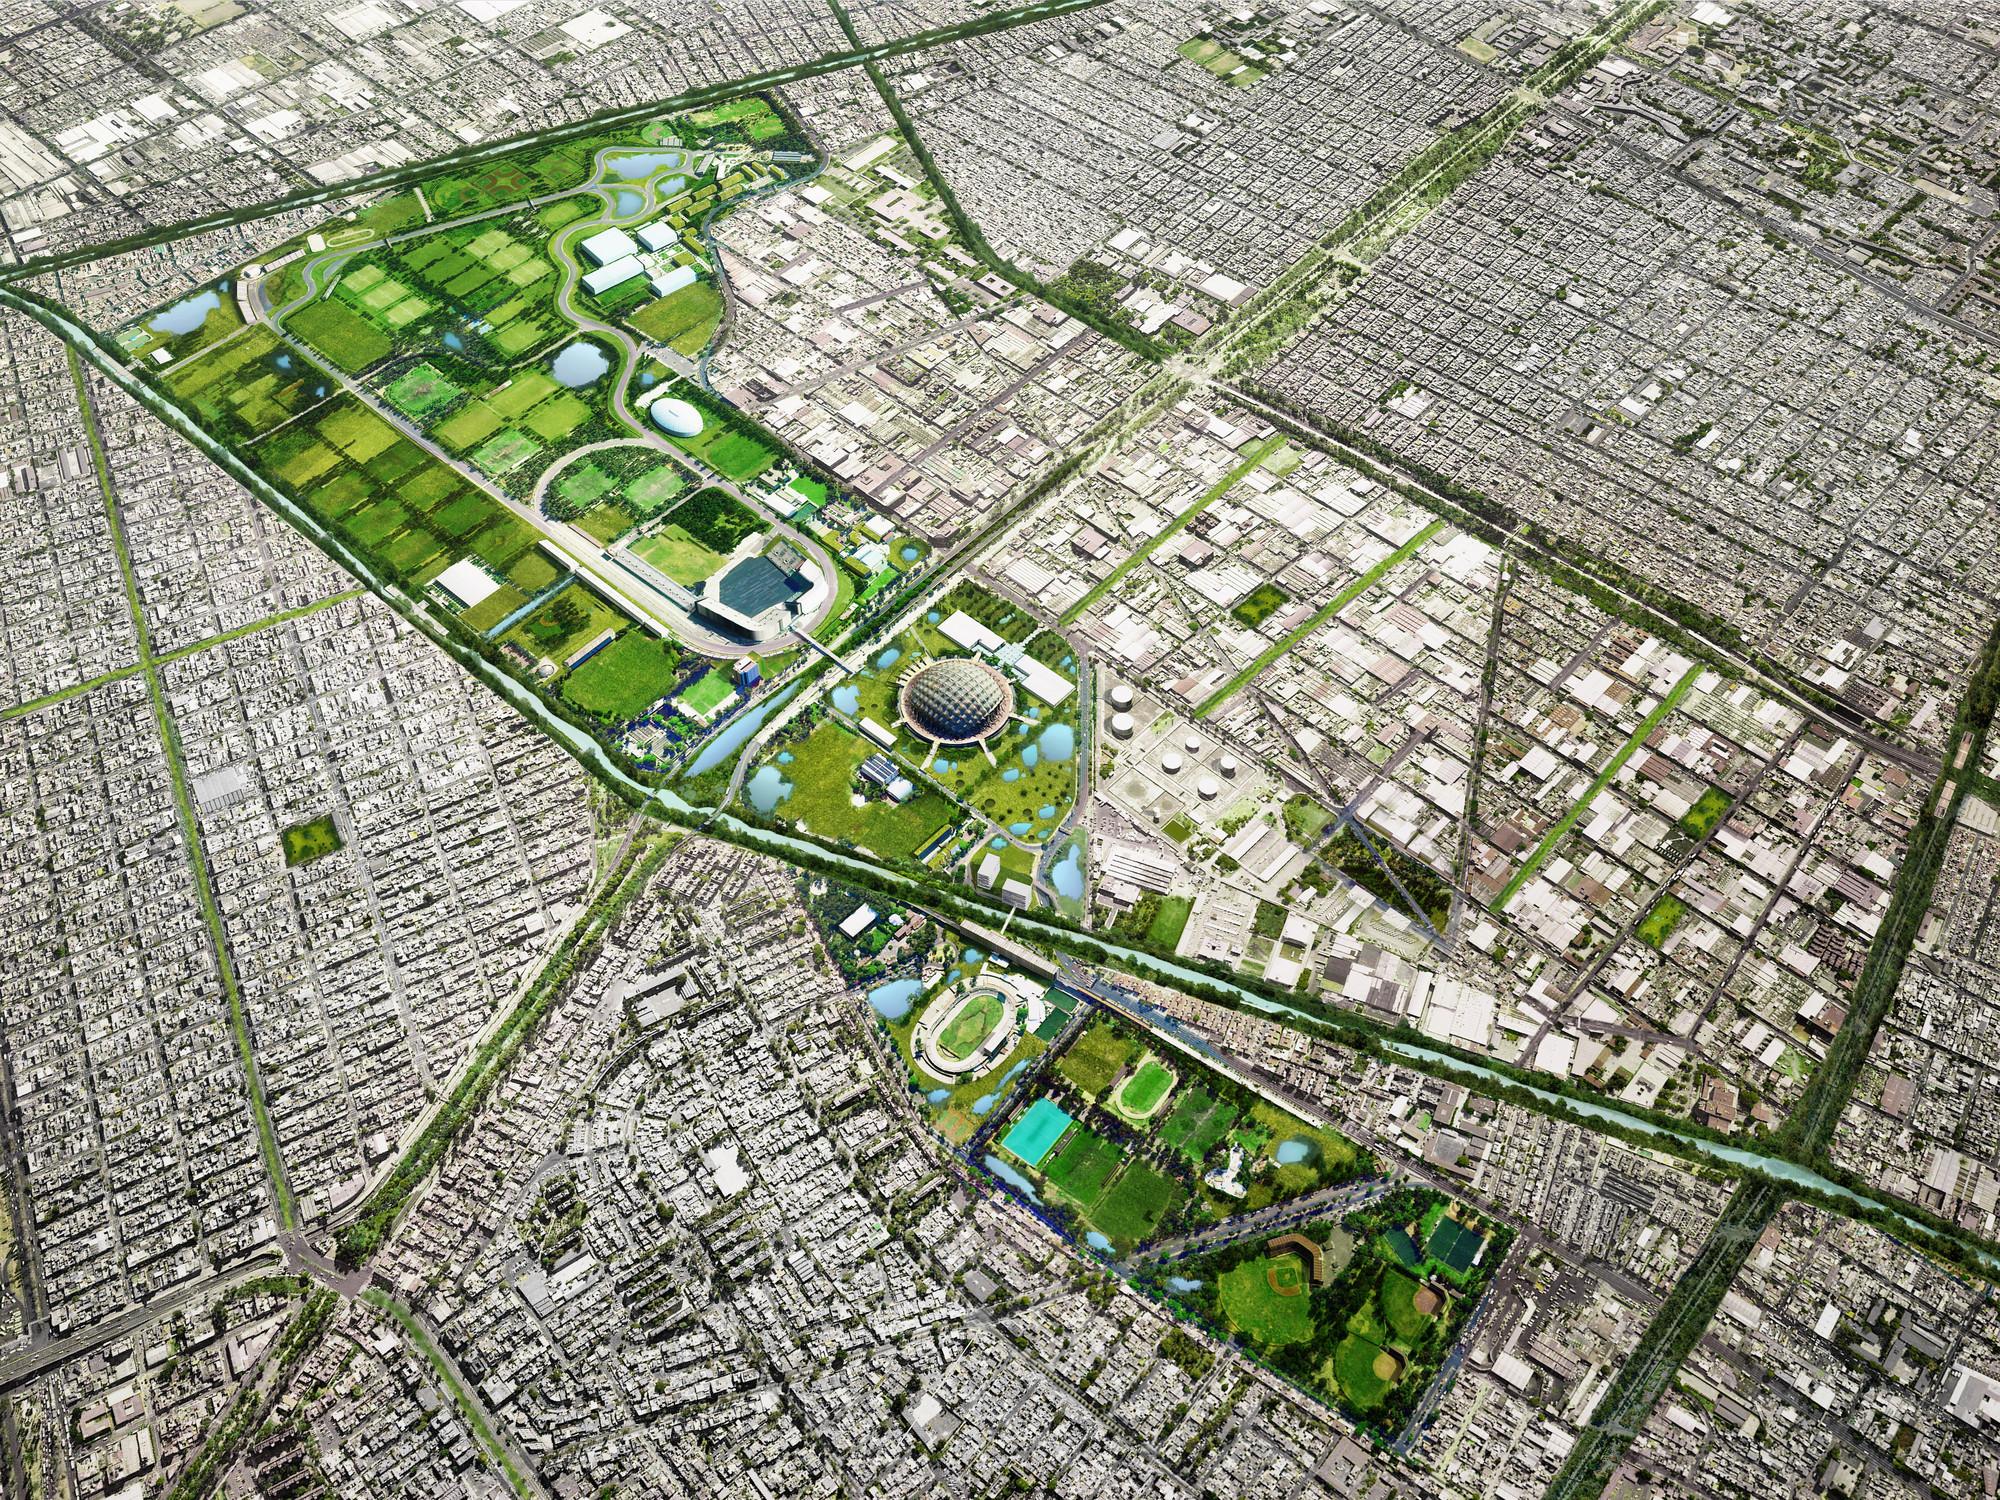 Proyecto Río la Piedad y Ciudad Deportiva prometen devolver al D.F. su relación con el agua, Ciudad deportiva. Image Courtesy of Aldo Urban